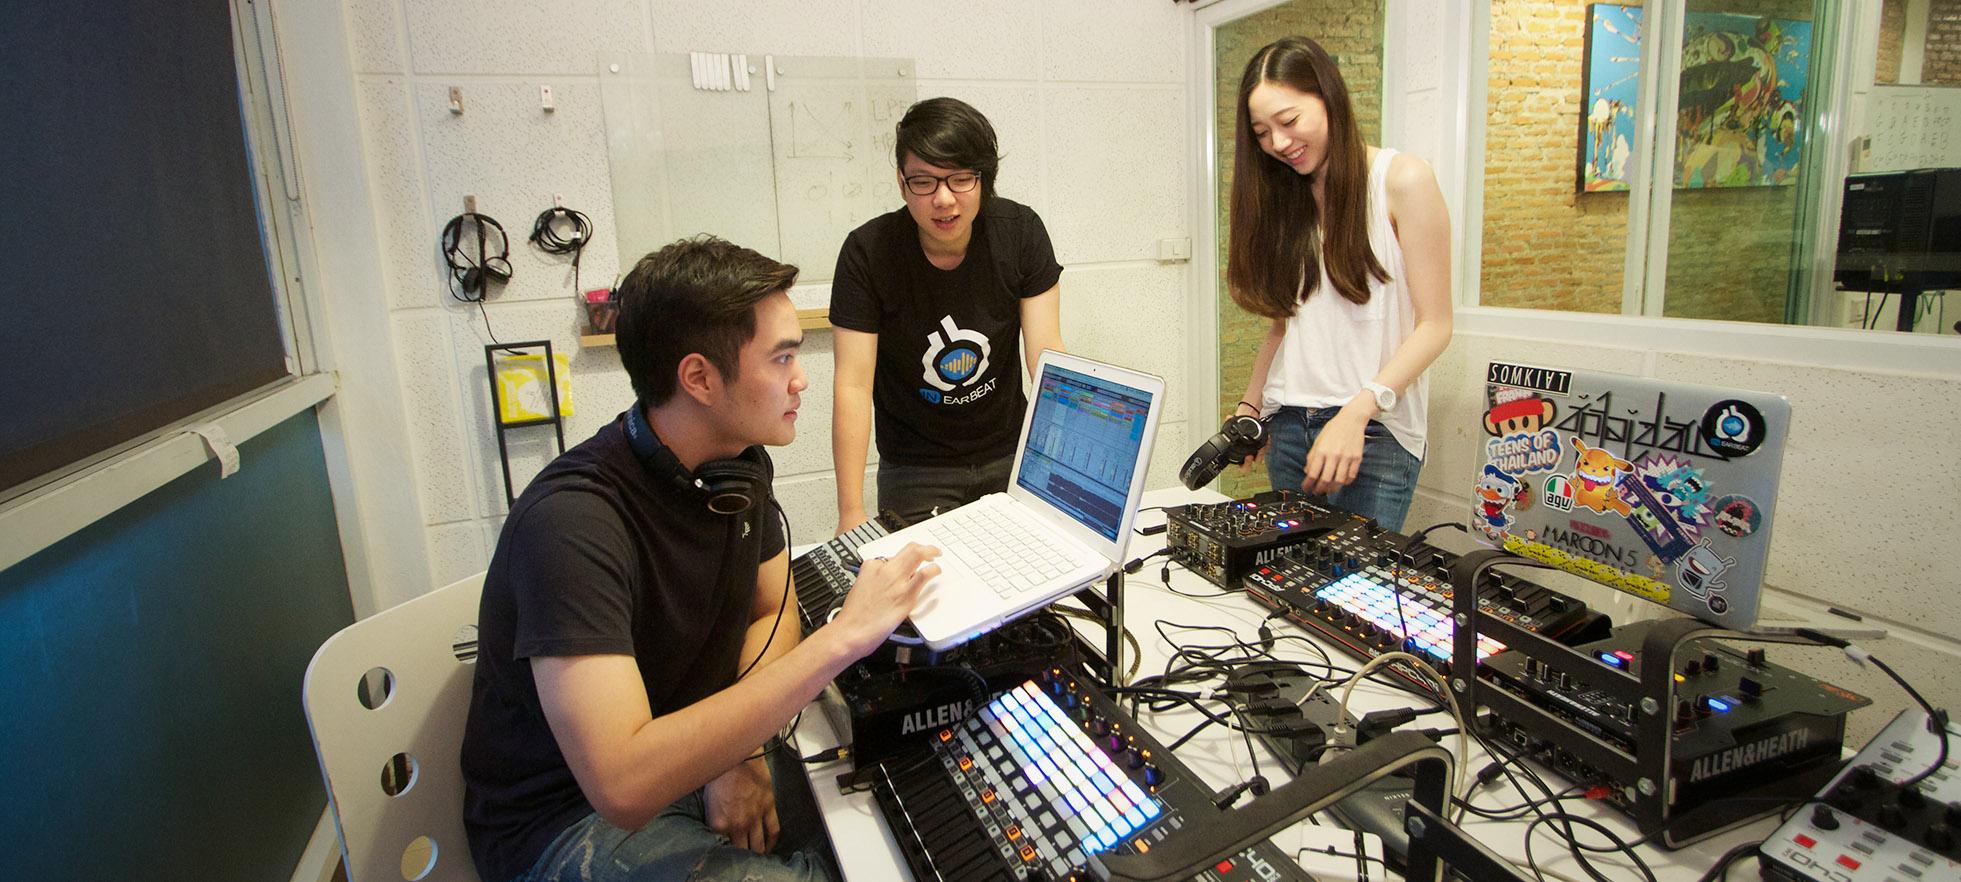 ห้องเรียนดิจิตอลดีเจ | InEarBeat